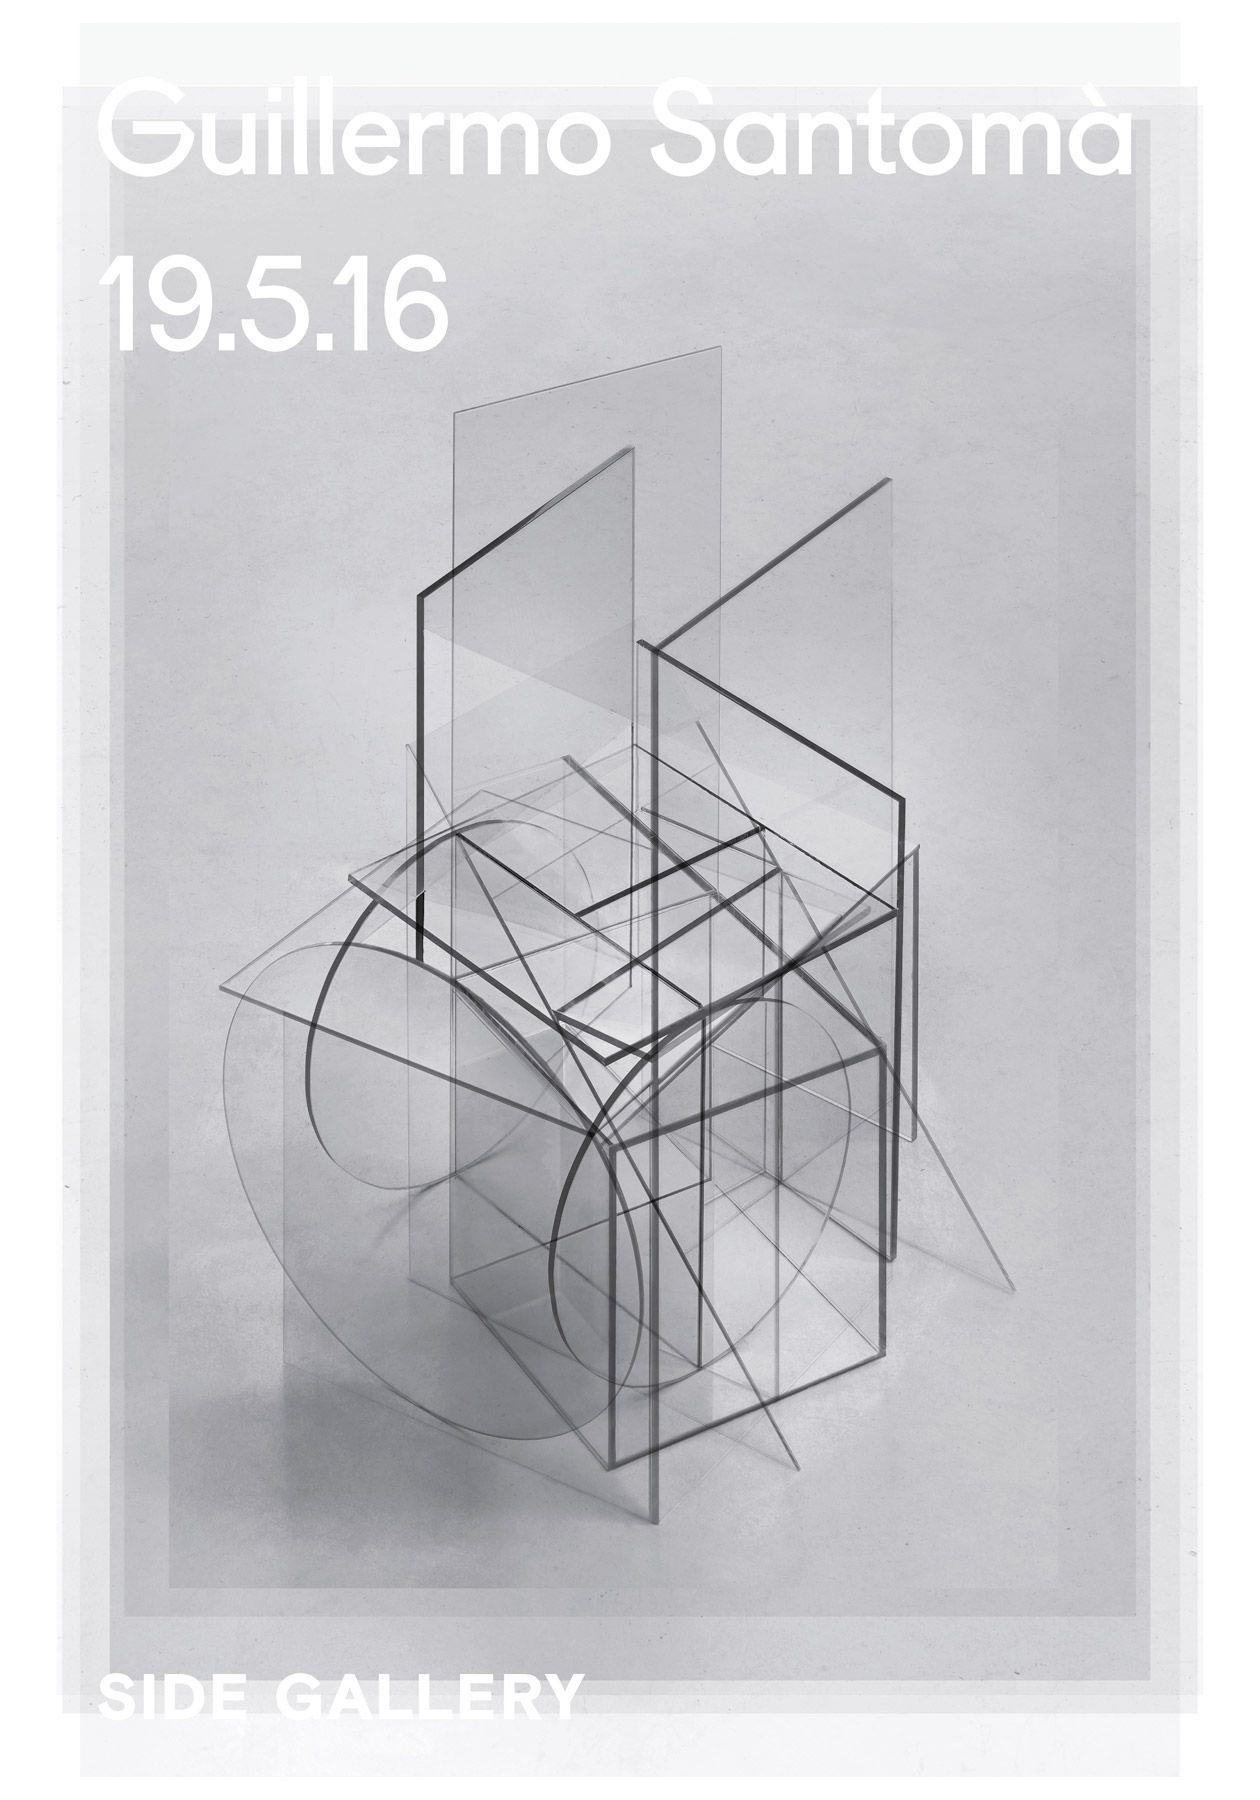 2016. Cartel para la exposición de Guillermo Santomà en Side Gallery.